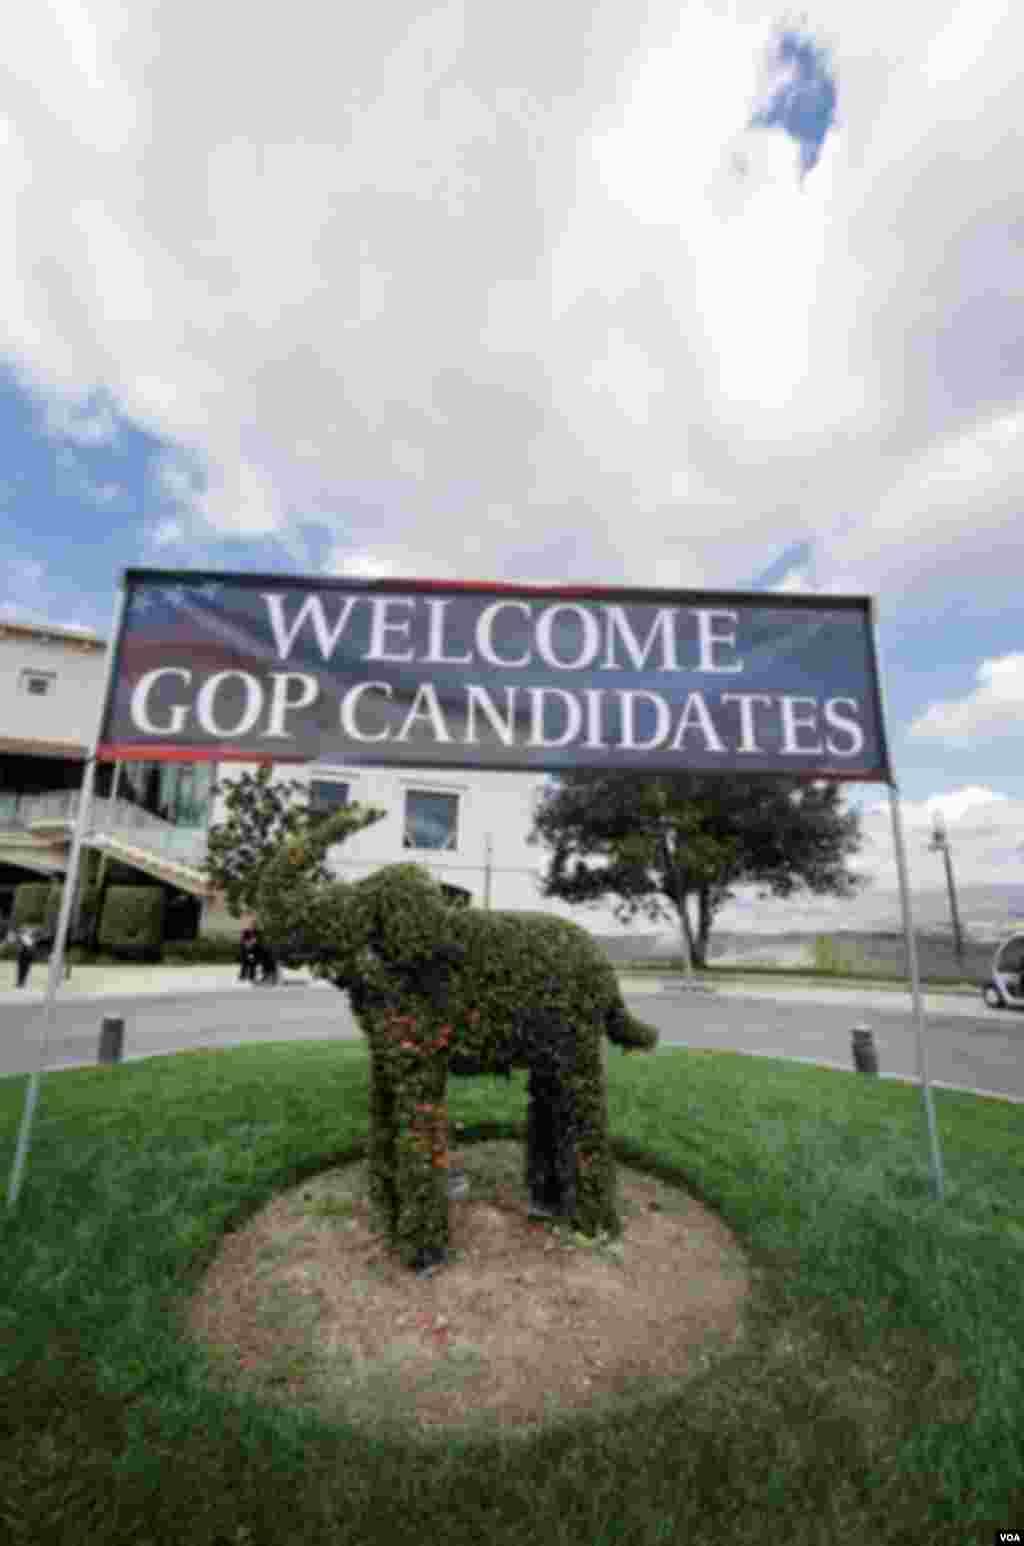 """فیل نماد حزب جمهوریخواه است. بنابراین تعجبی ندارد در خیرمقدم محل مناظره فیل """"سبزی"""" حاضر باشد."""